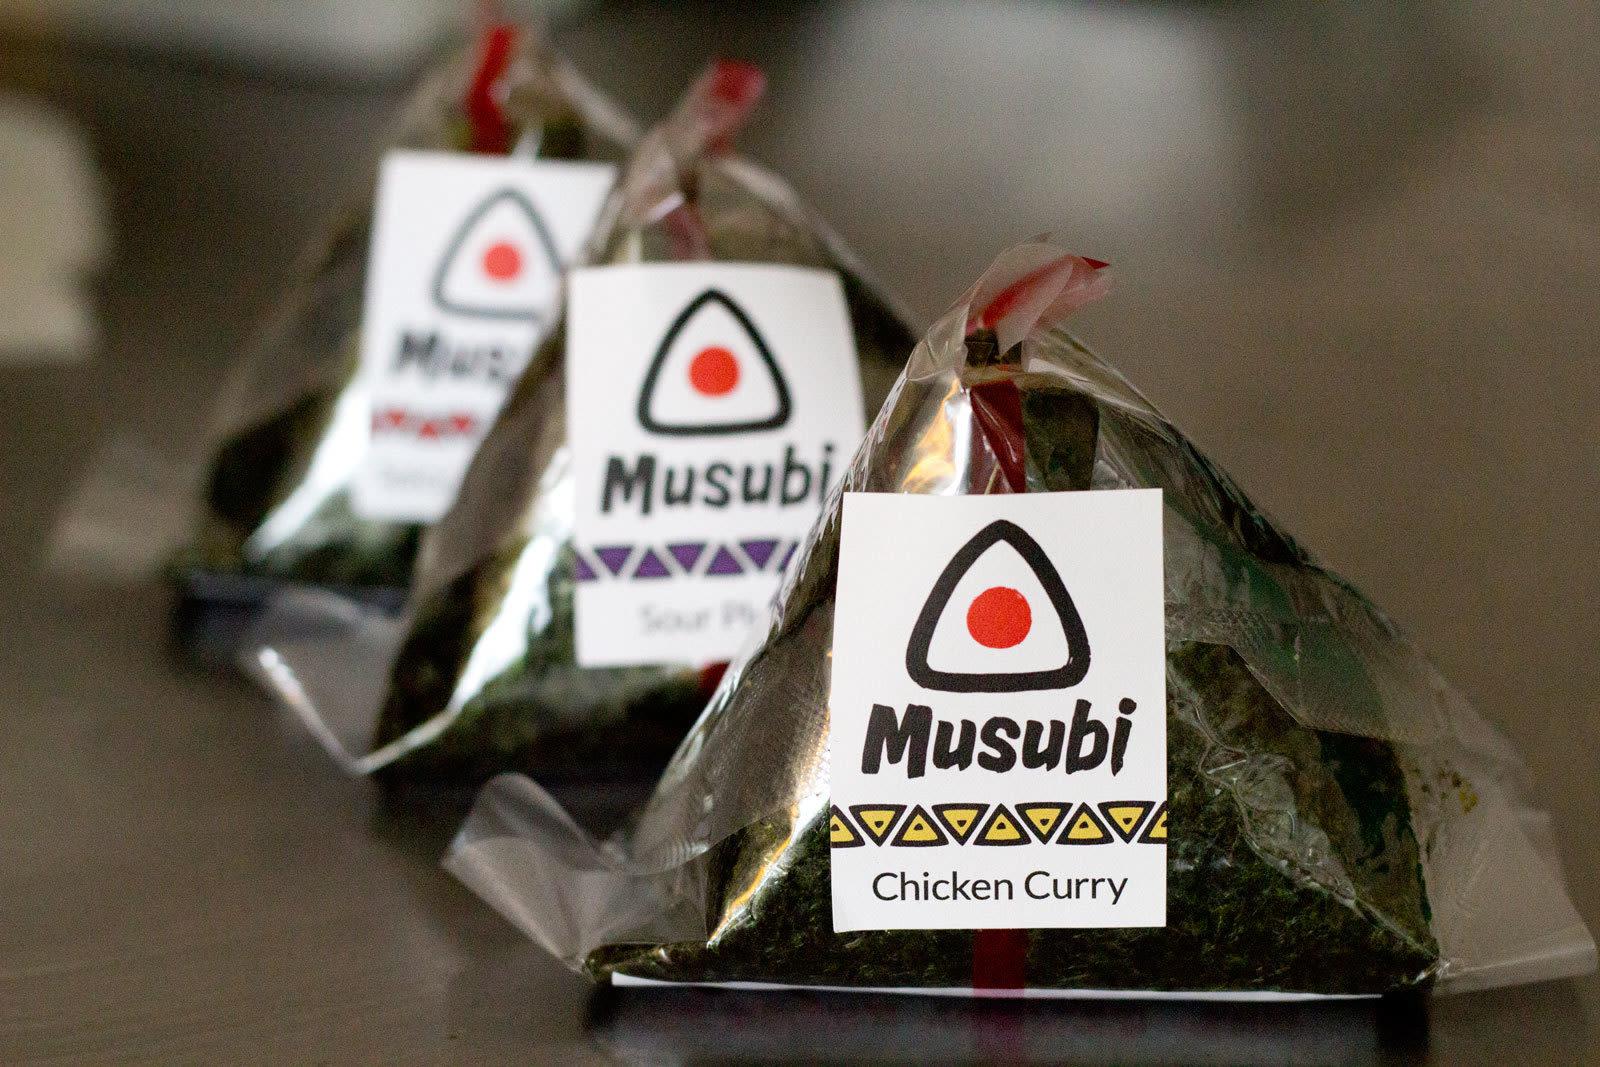 Musubi usjdob